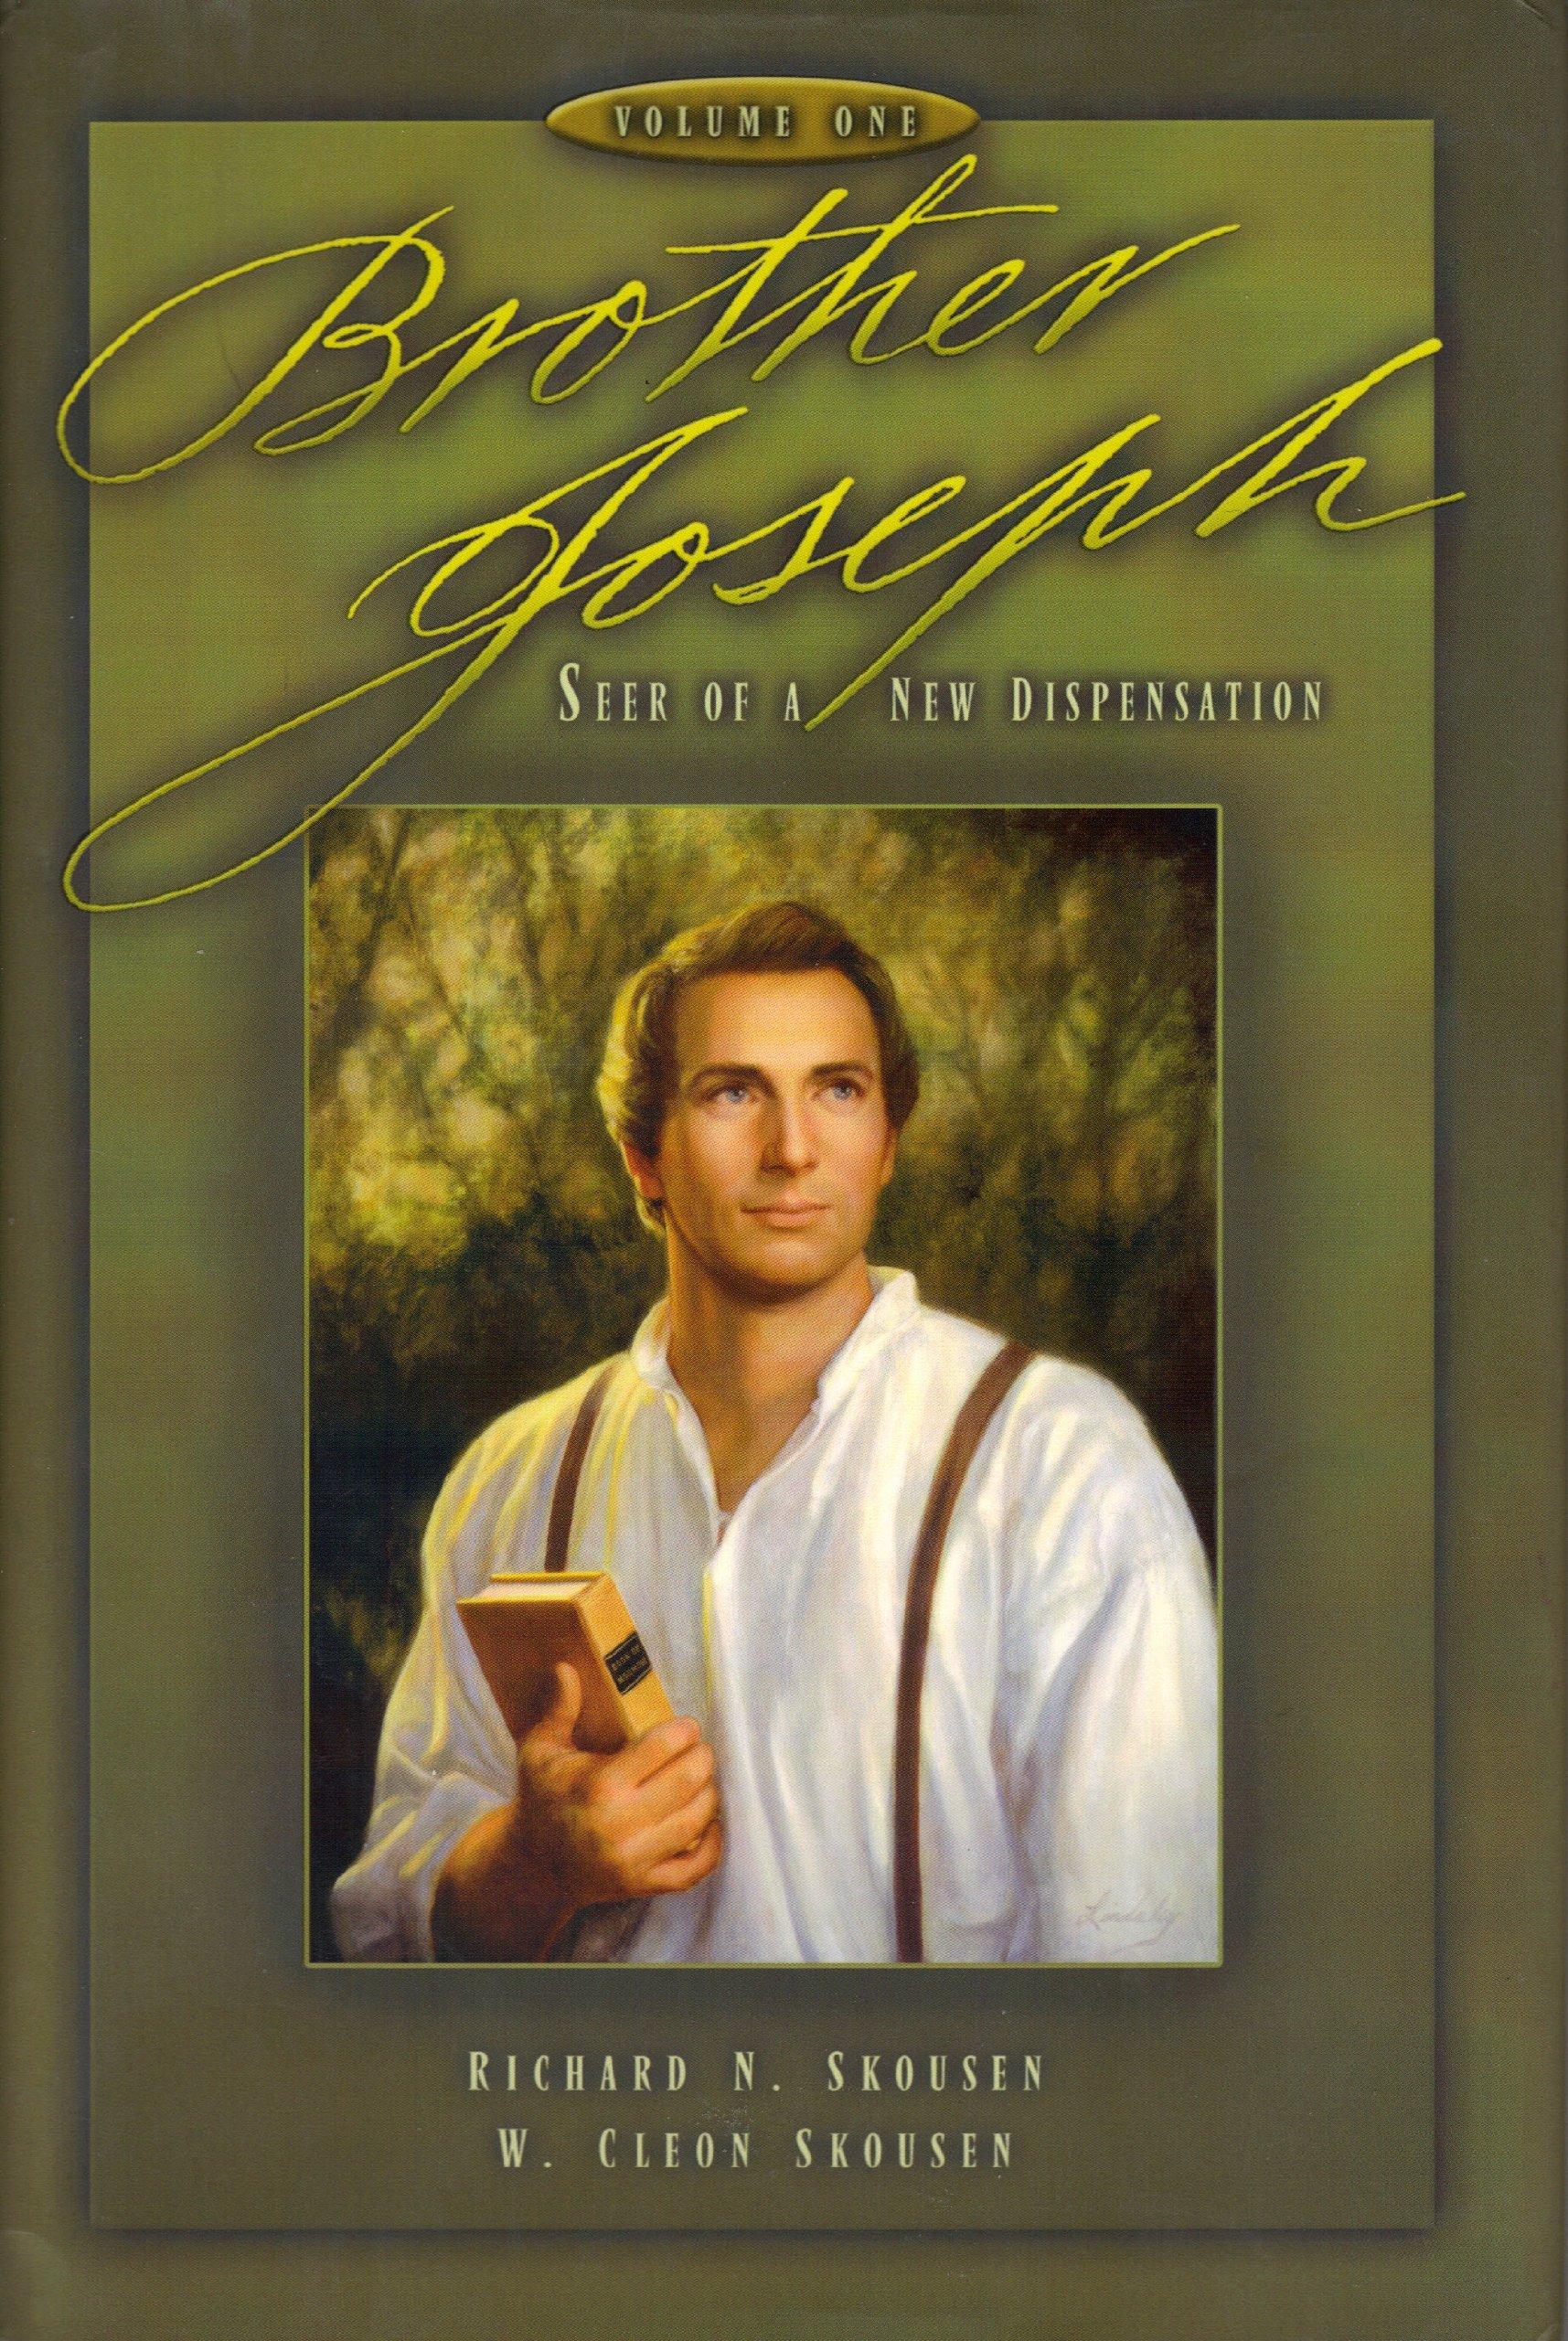 Brother Joseph - Seer of a New Dispensation - Vol. 1, Skousen, Richard N. & W. Cleon Skousen